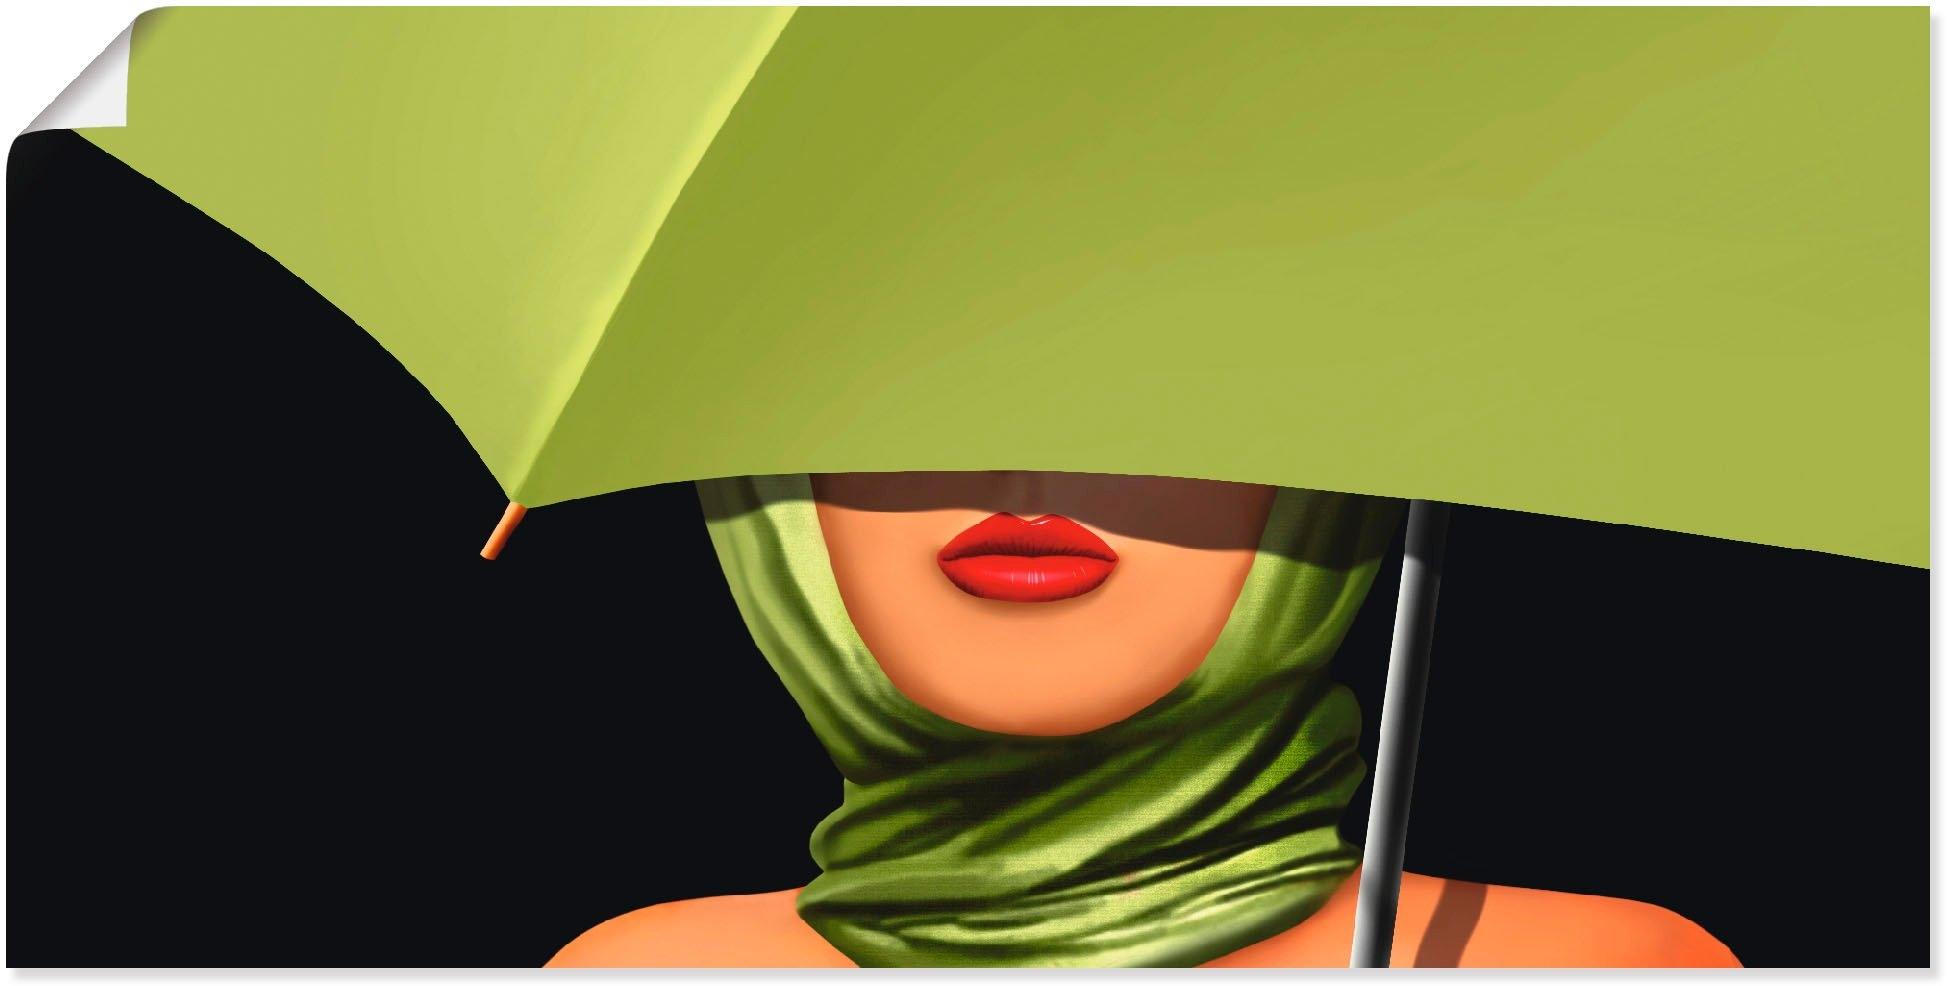 Artland artprint »Rote Lippen« voordelig en veilig online kopen